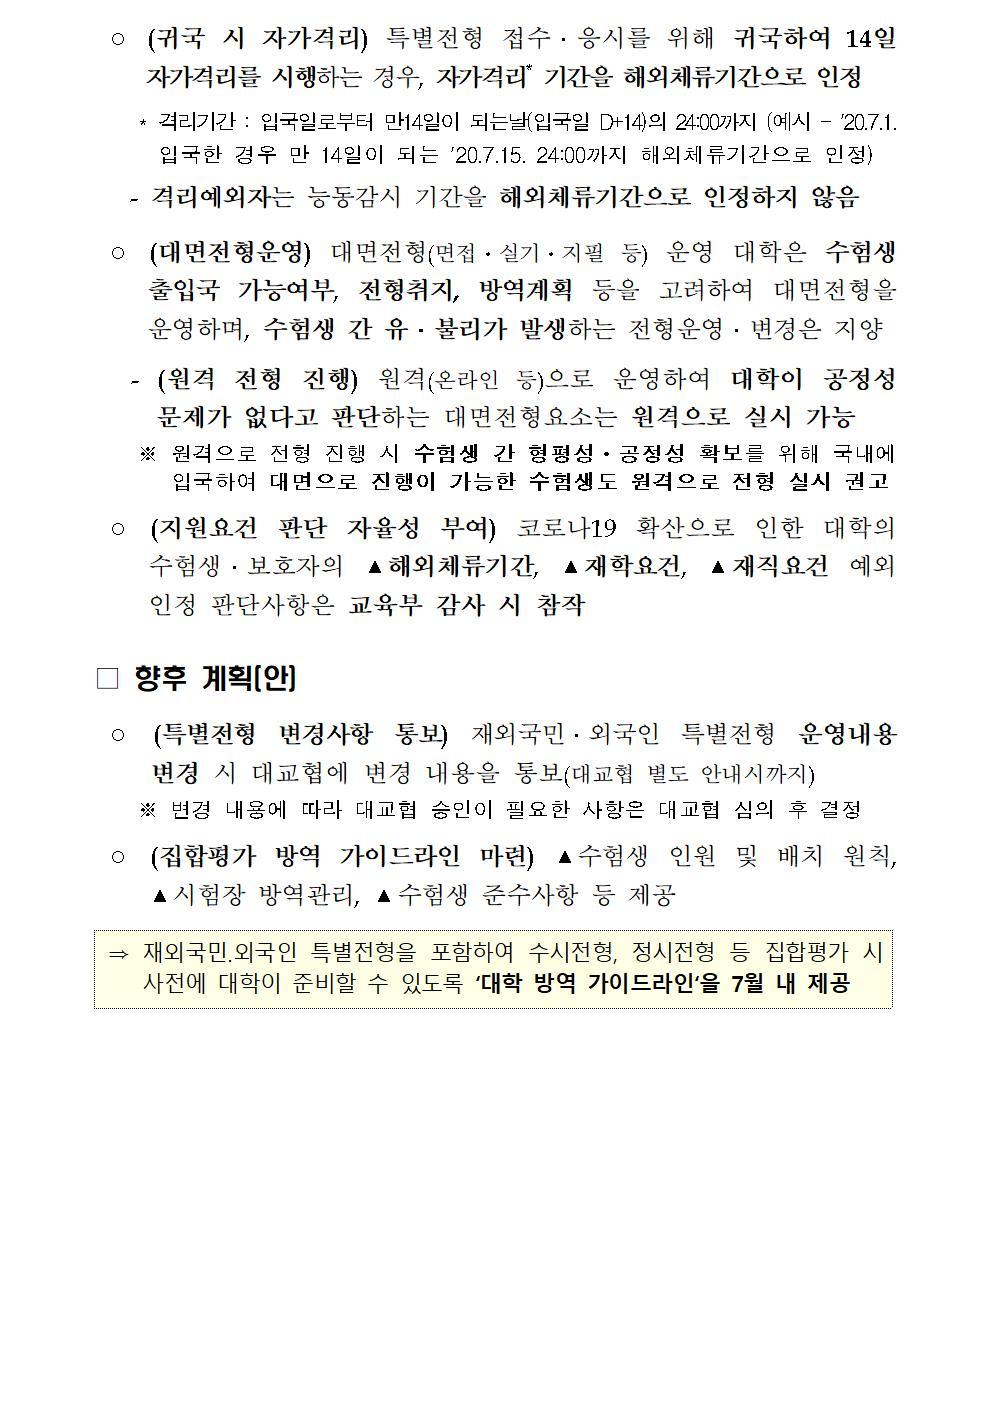 [붙임]2021학년도 재외국민과 외국인 특별전형 운영 권고사항002.jpg